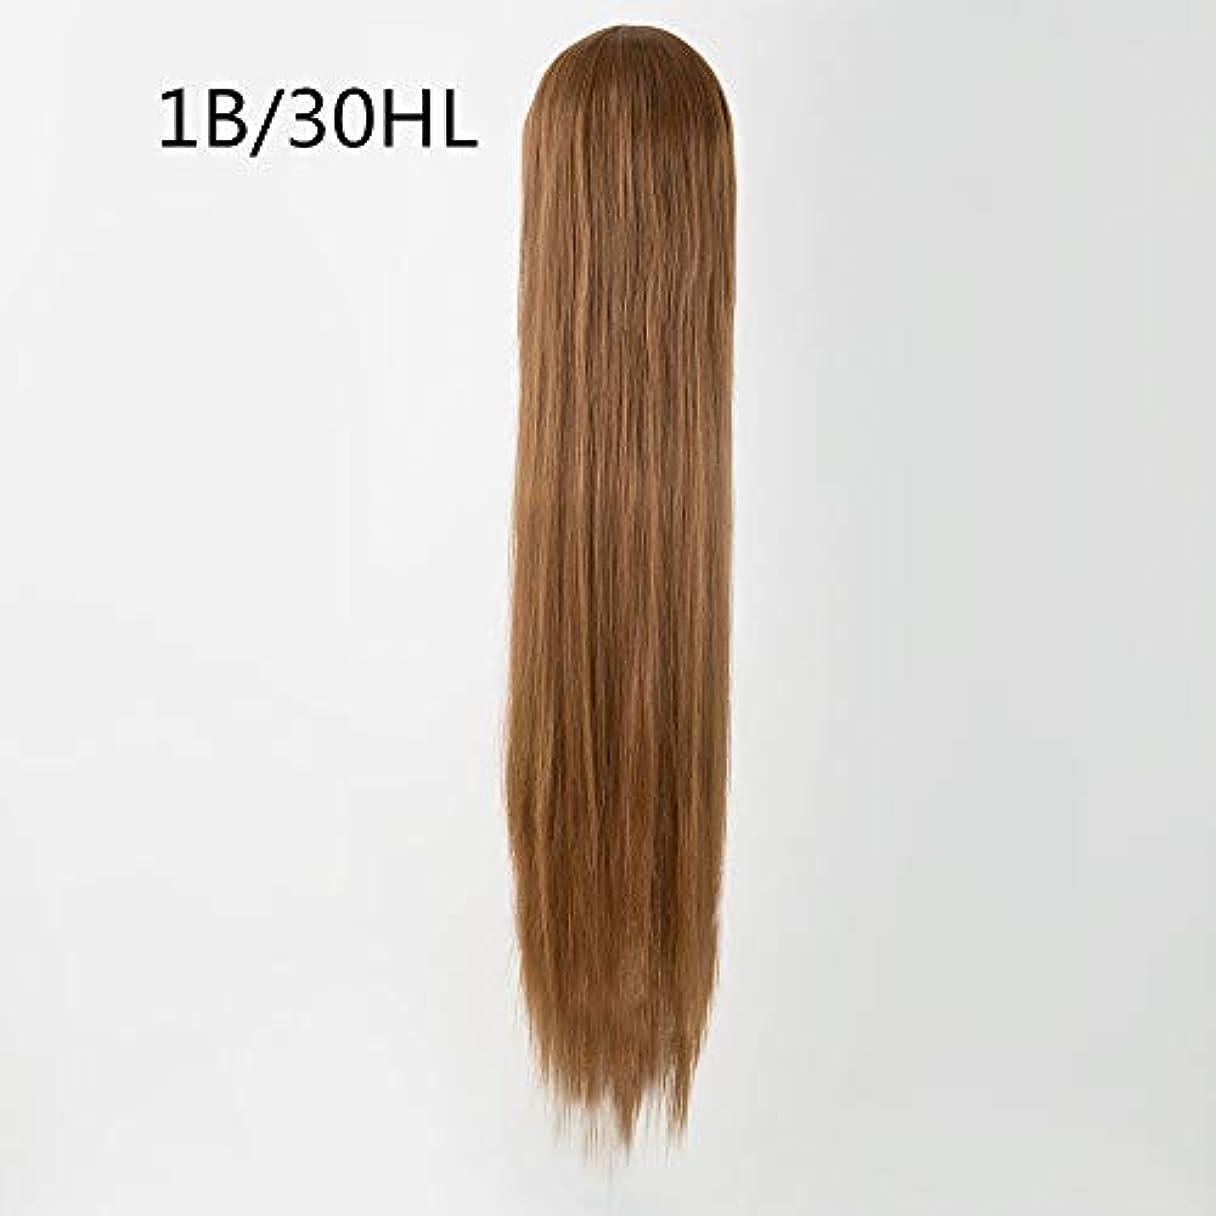 雹充実起きているBeTTi 黒かつら100センチ/ 40インチ合成耐熱繊維ロングハロウィーンカーニバル衣装コスプレストレート女性の髪 (Color : 1B/30HL, Stretched Length : 38inches)